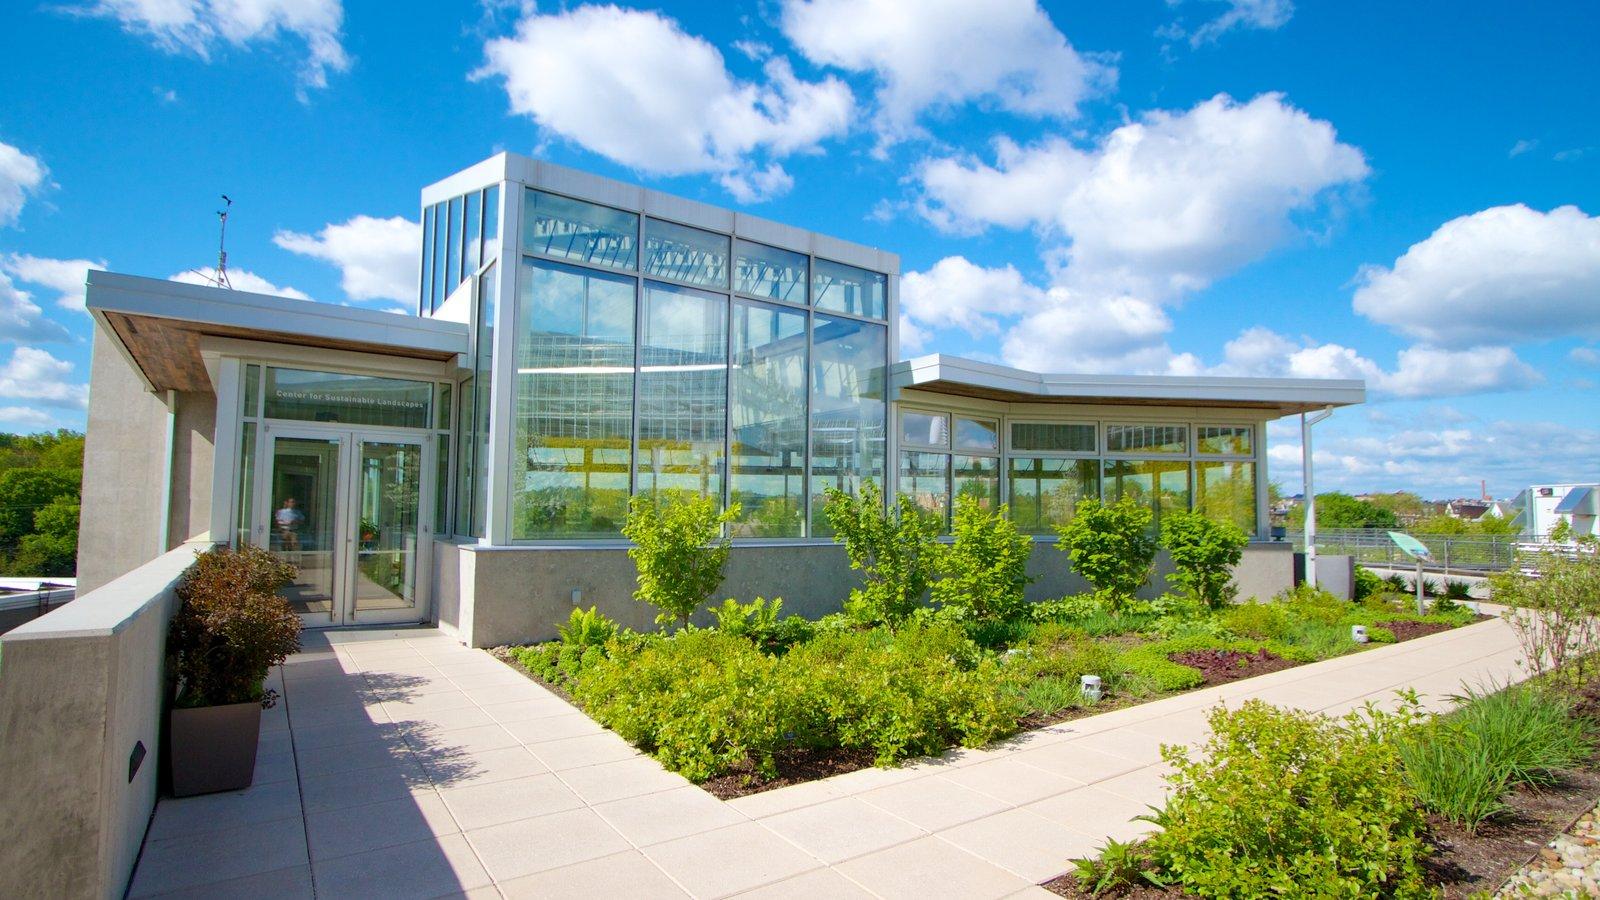 Phipps Conservatory caracterizando arquitetura moderna e um parque